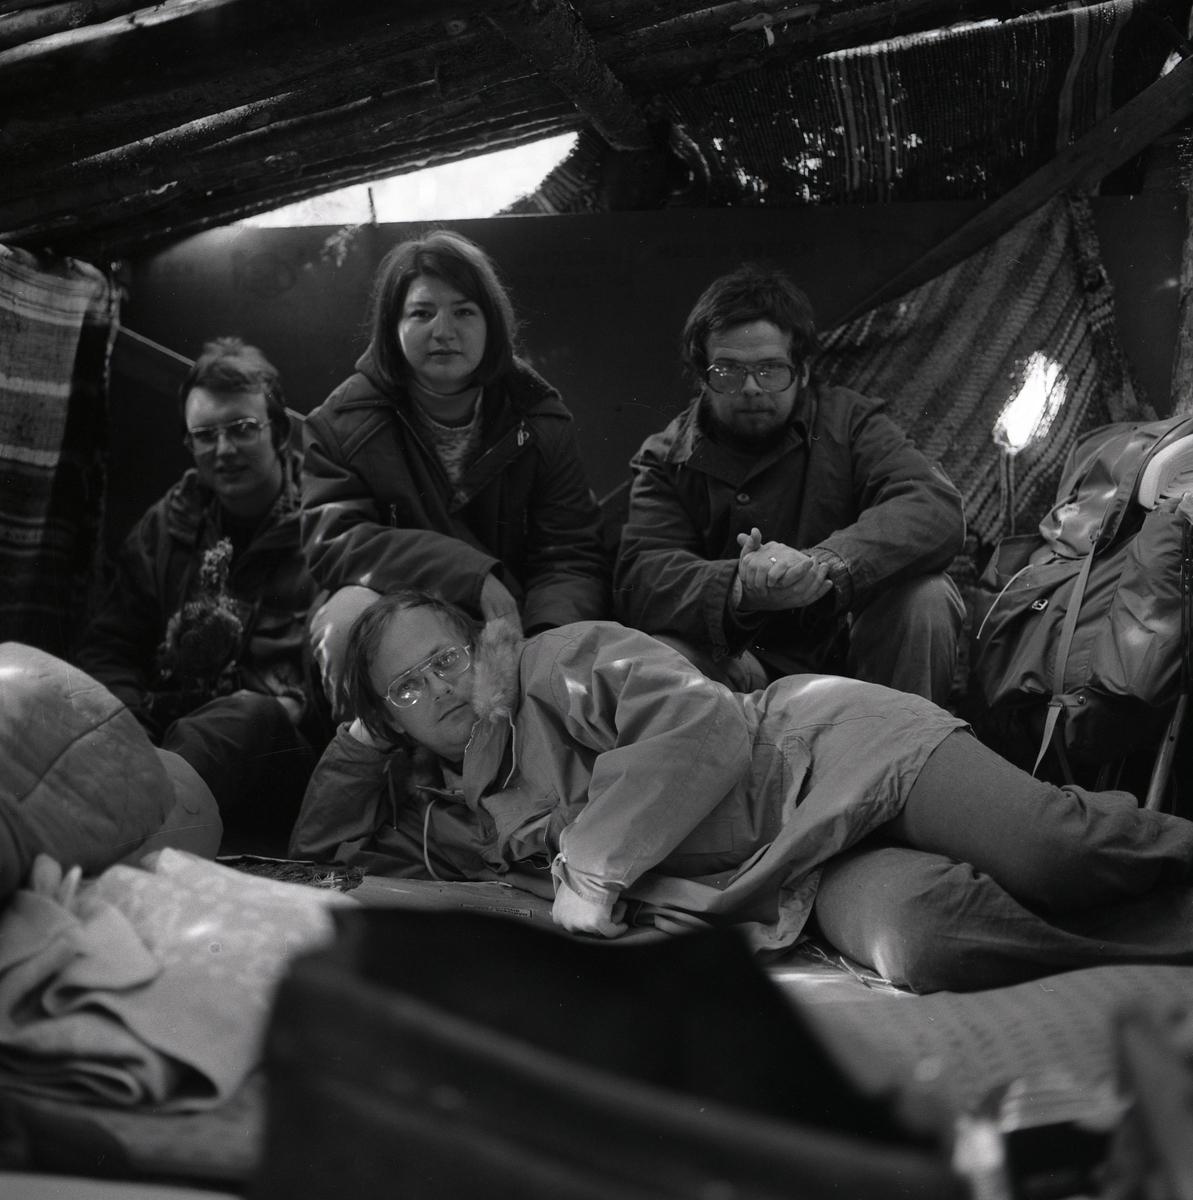 I en koja sitter tre personer mot väggen medan en fjärde ligger vid deras fötter, våren 1975.